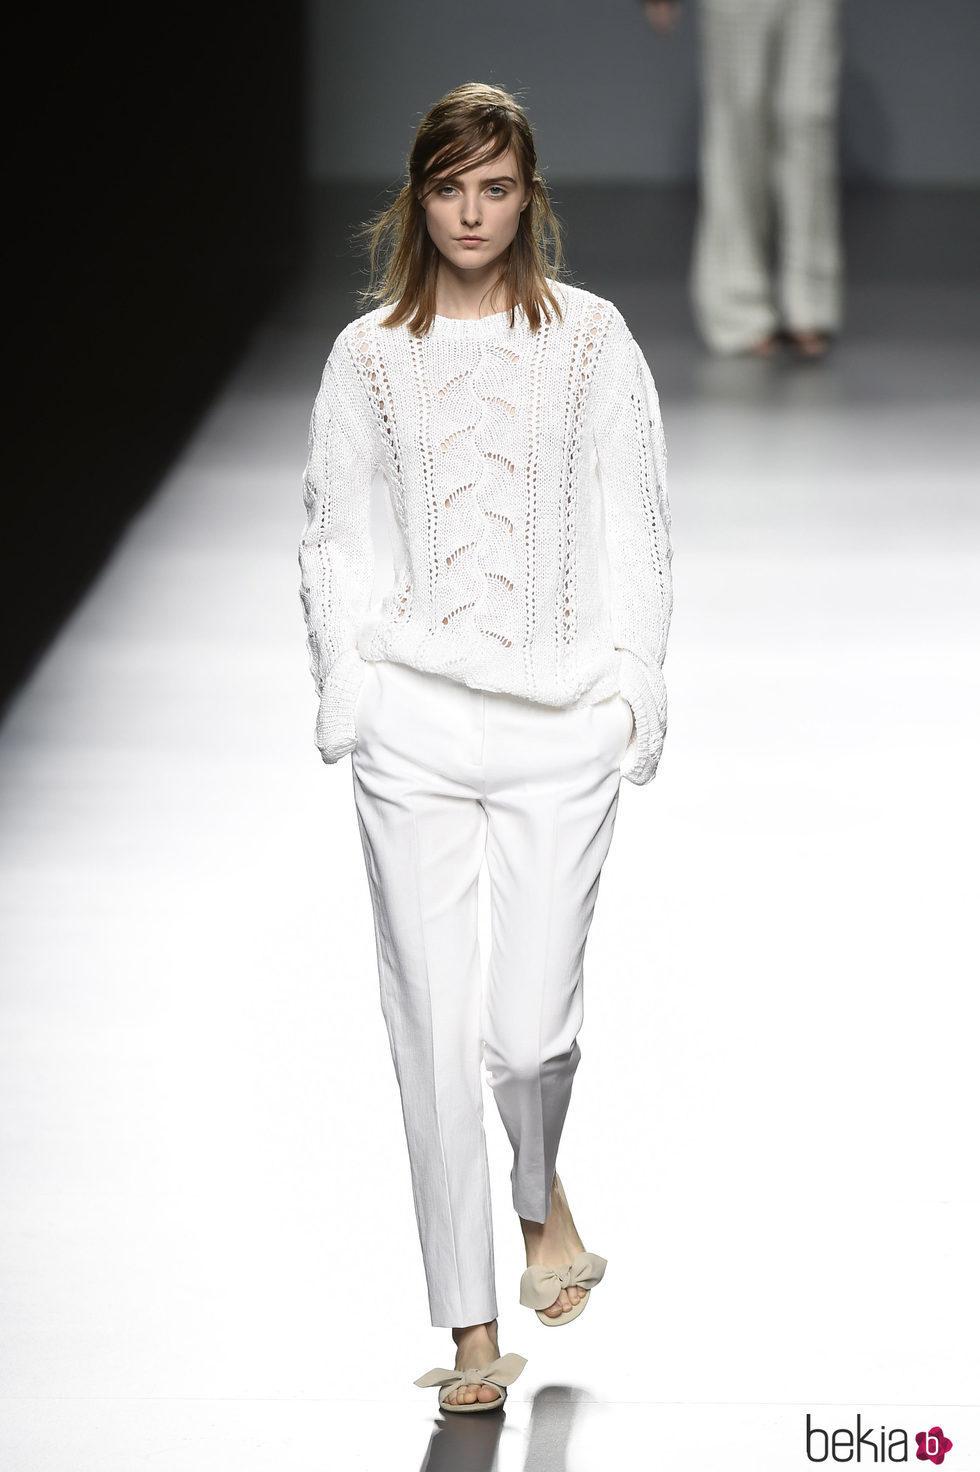 Total white de Ángel Schlesser primavera/verano 2017 en Madrid Fashion Week